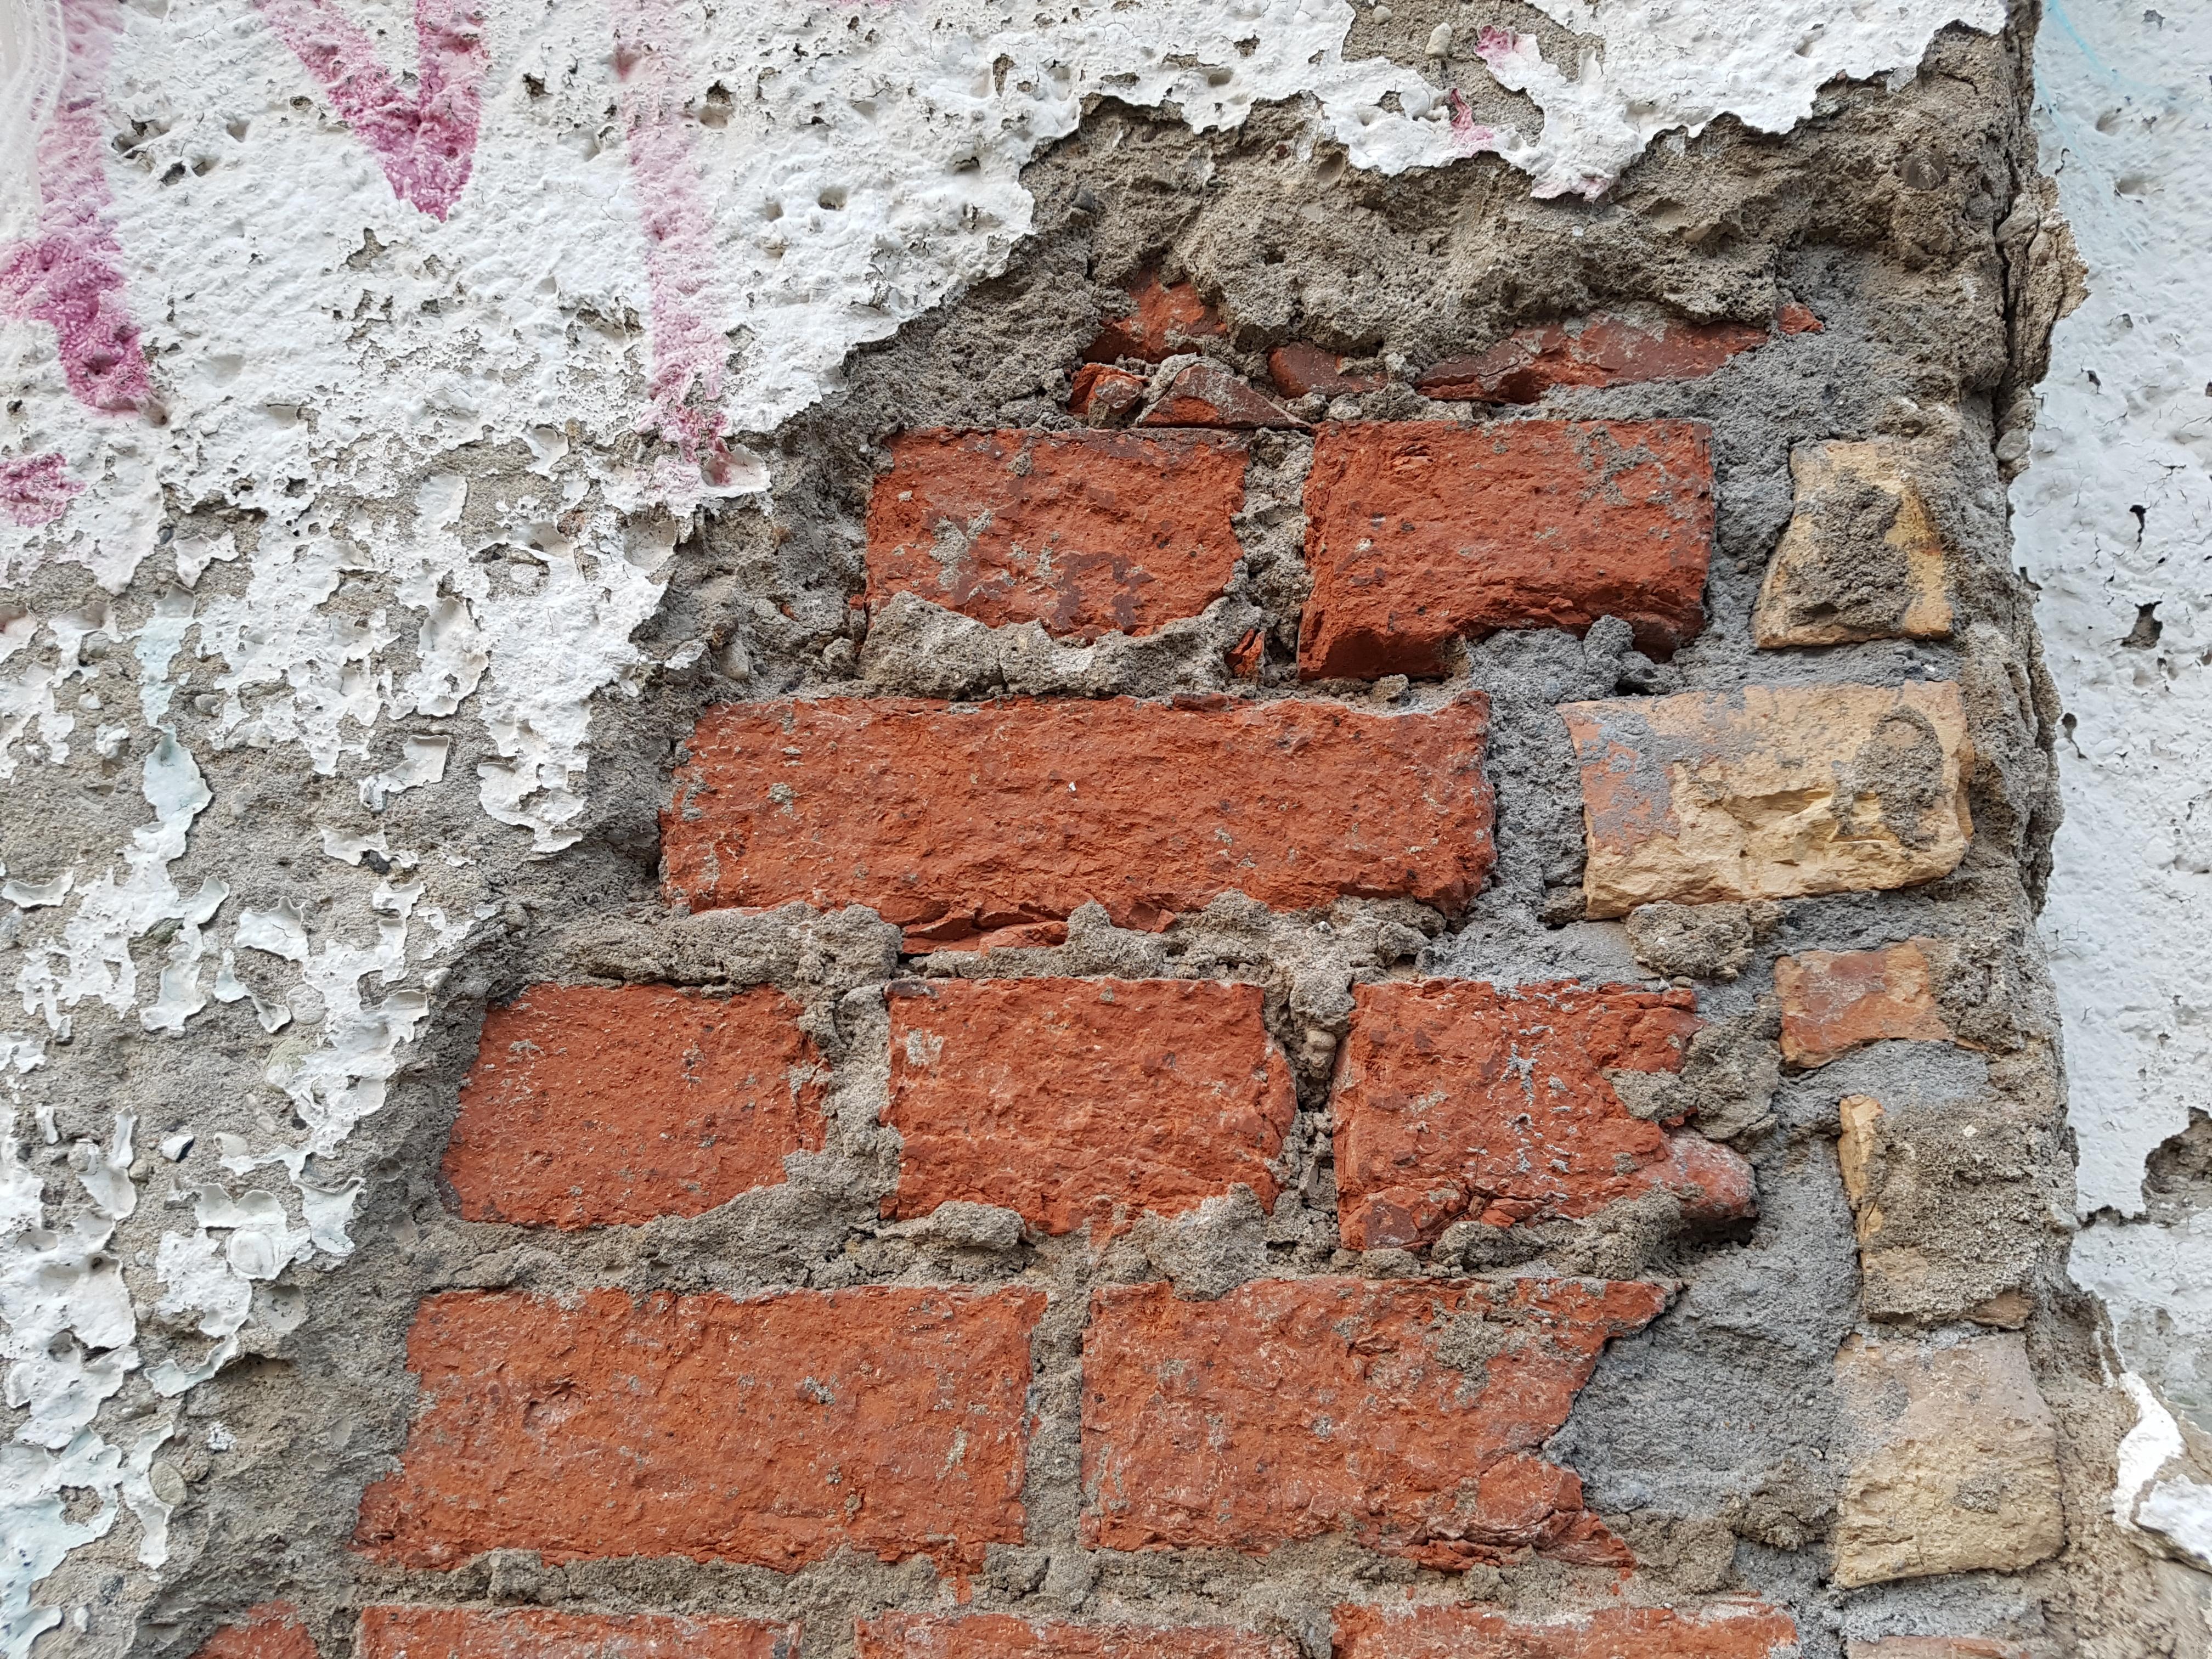 Auf dem Foto ist eine gemauerte Wand zu sehen, die teilweise verputzt und es relativ sanierungsbedürftig aussieht.